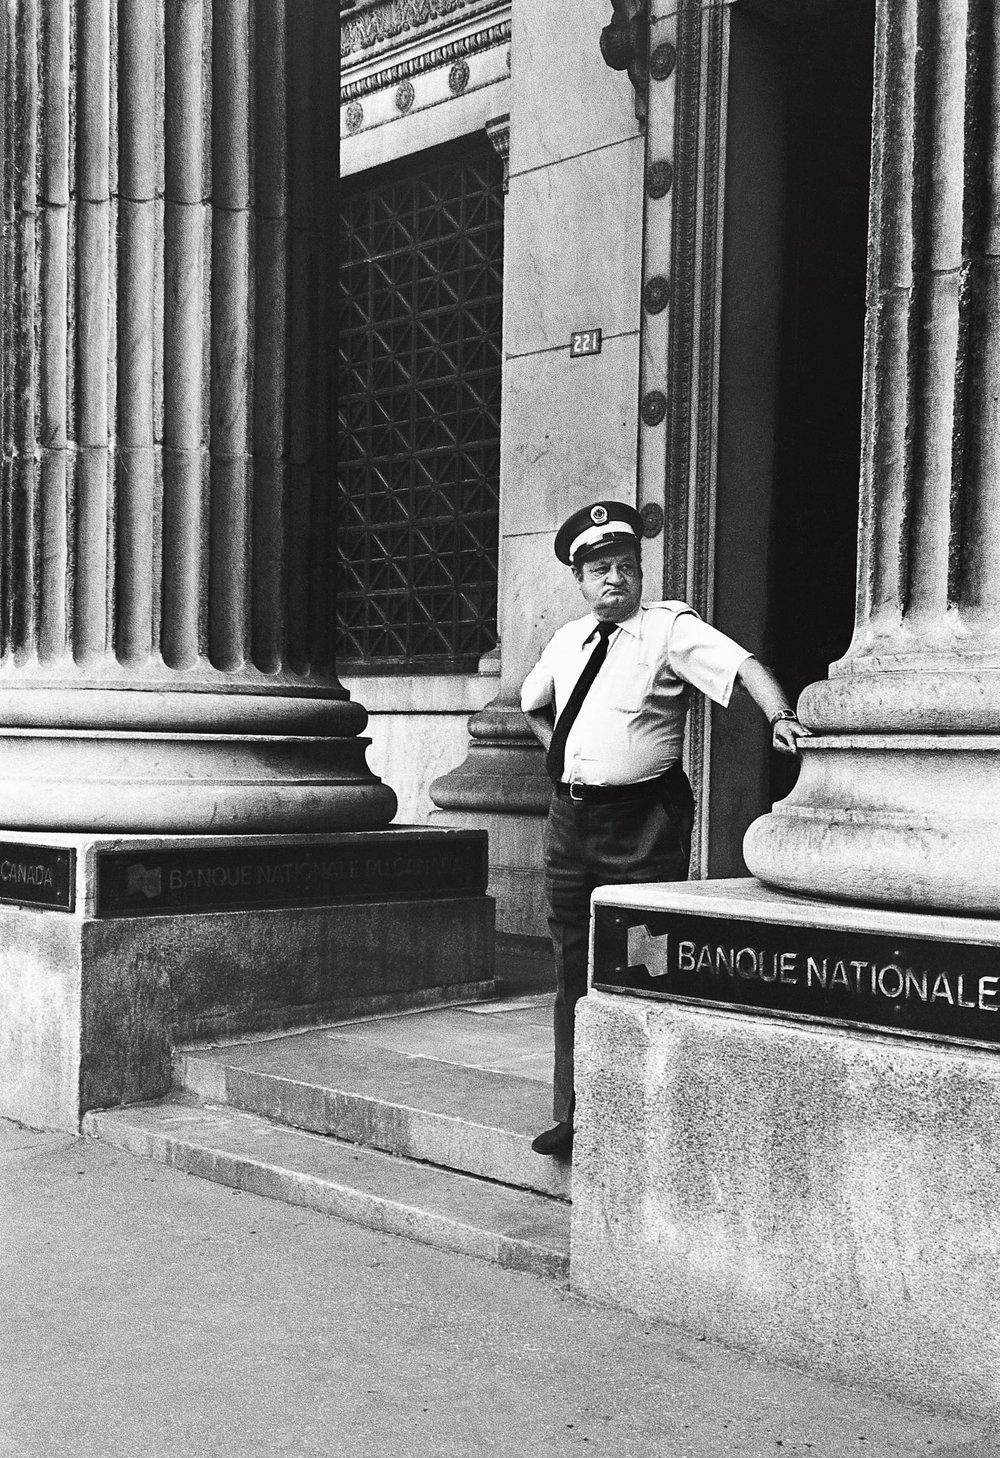 Le gardien de banque, Montréal 1981